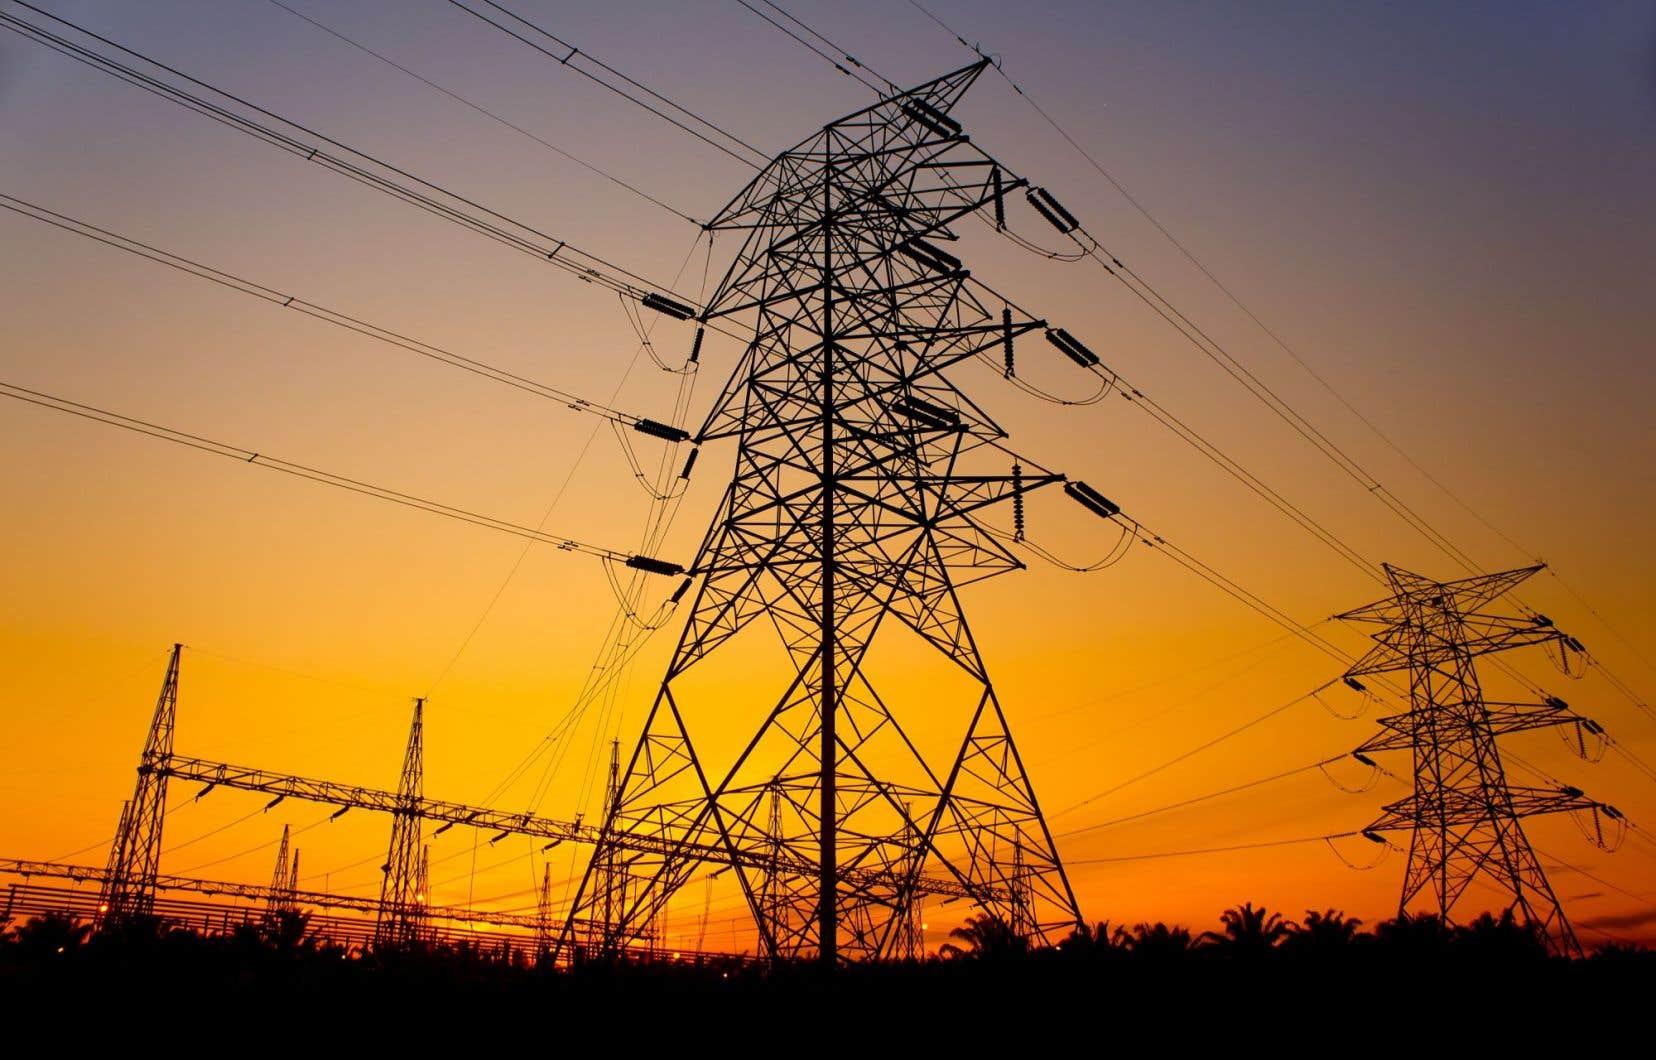 Compte tenu de l'énorme potentiel hydroélectrique et éolien dans l'est du Canada, il serait avantageux d'étendre les lignes de transmission de l'électricité afin d'interconnecter toutes les provinces de l'Est.